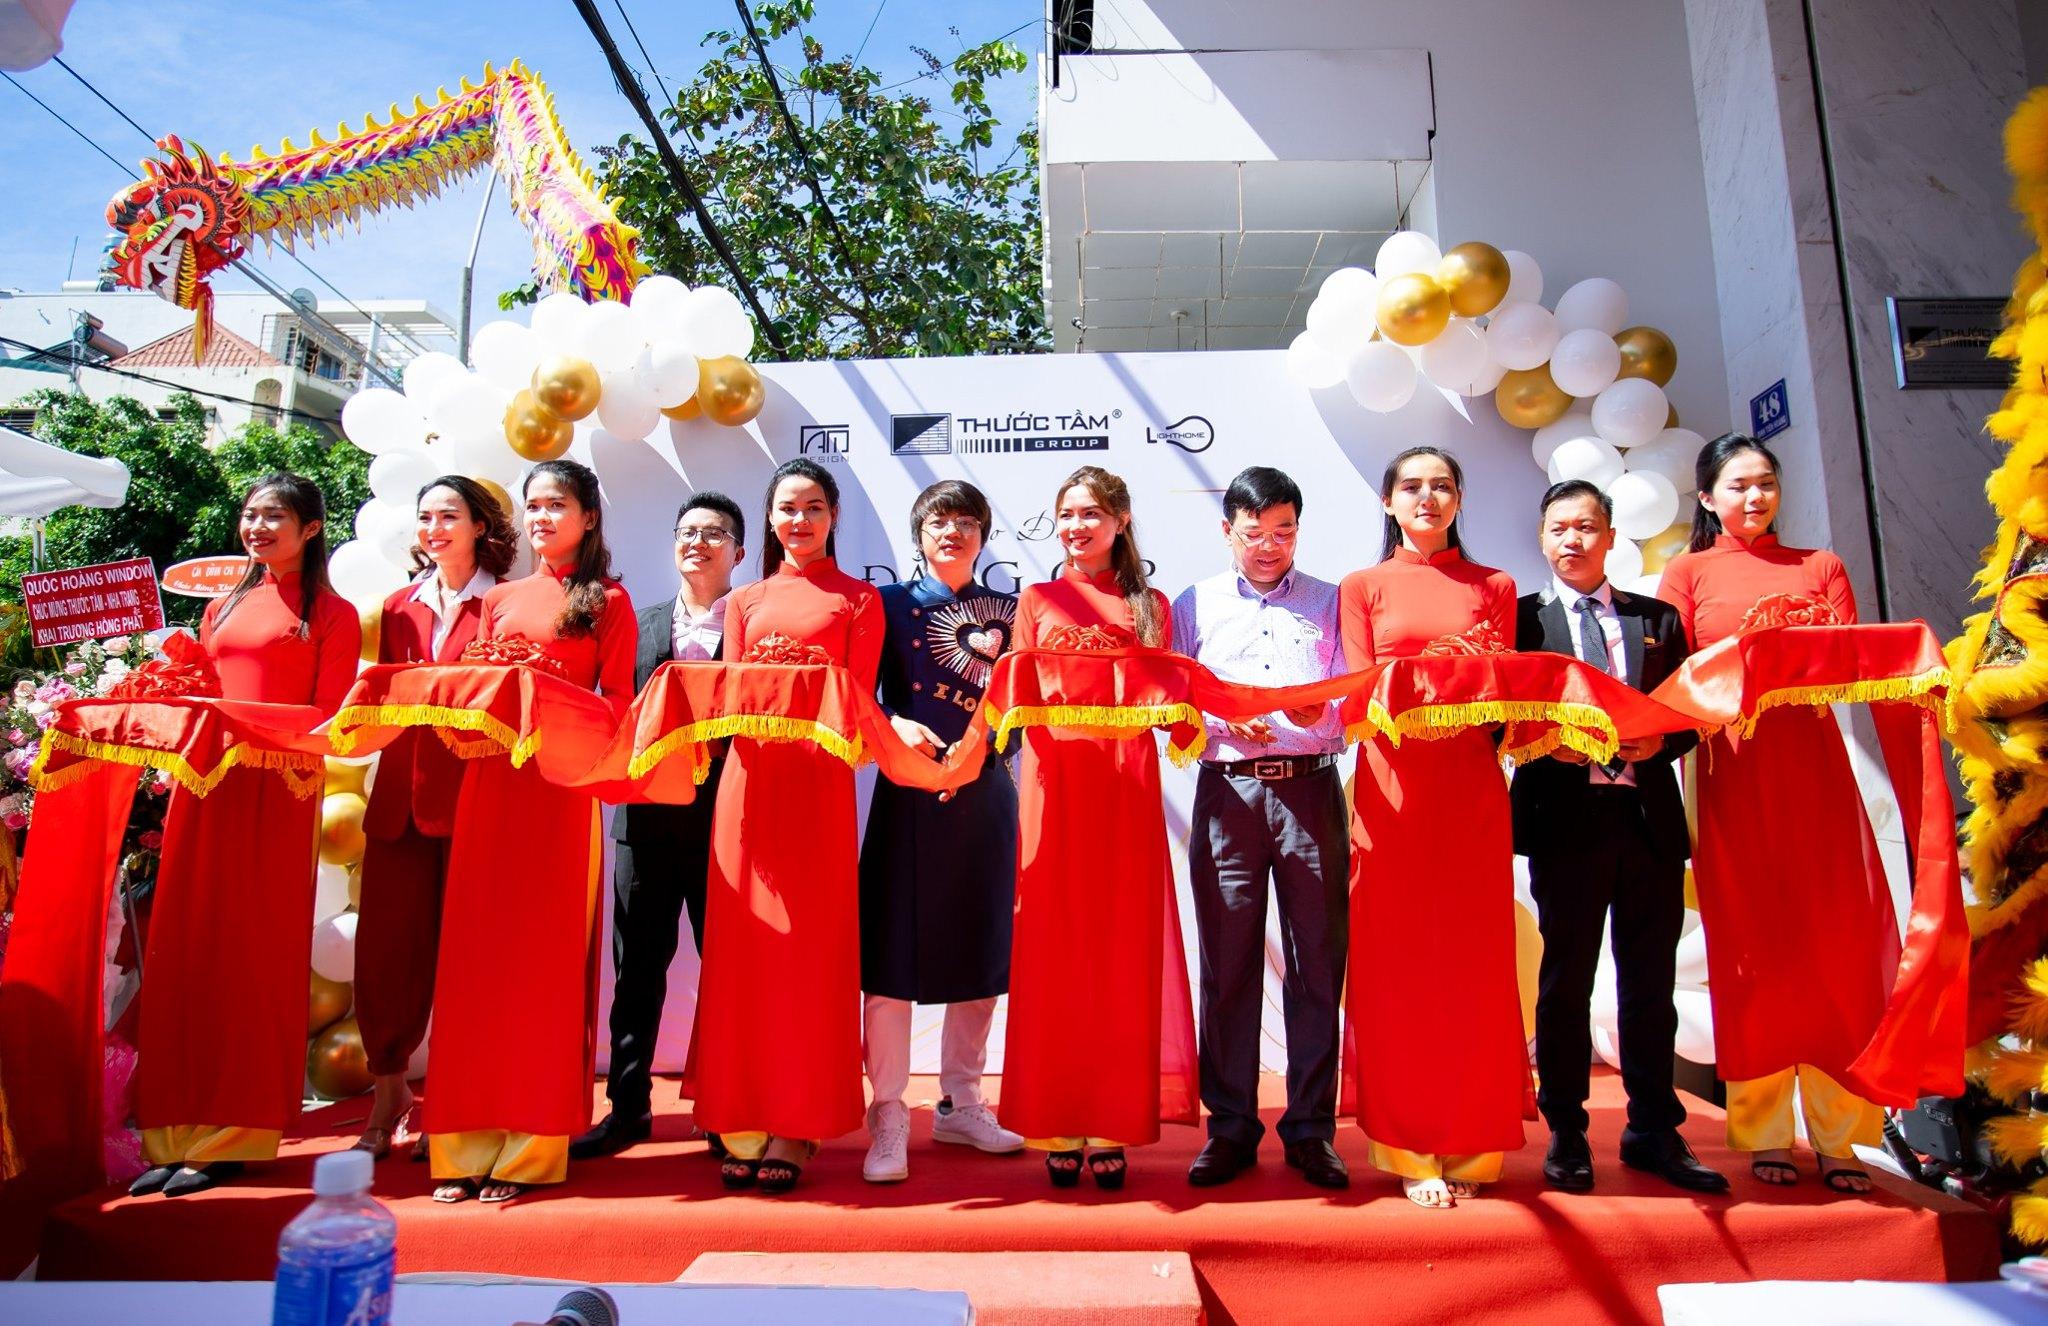 Thước Tầm Group: Tưng bừng khai trương showroom nội thất Nha Trang